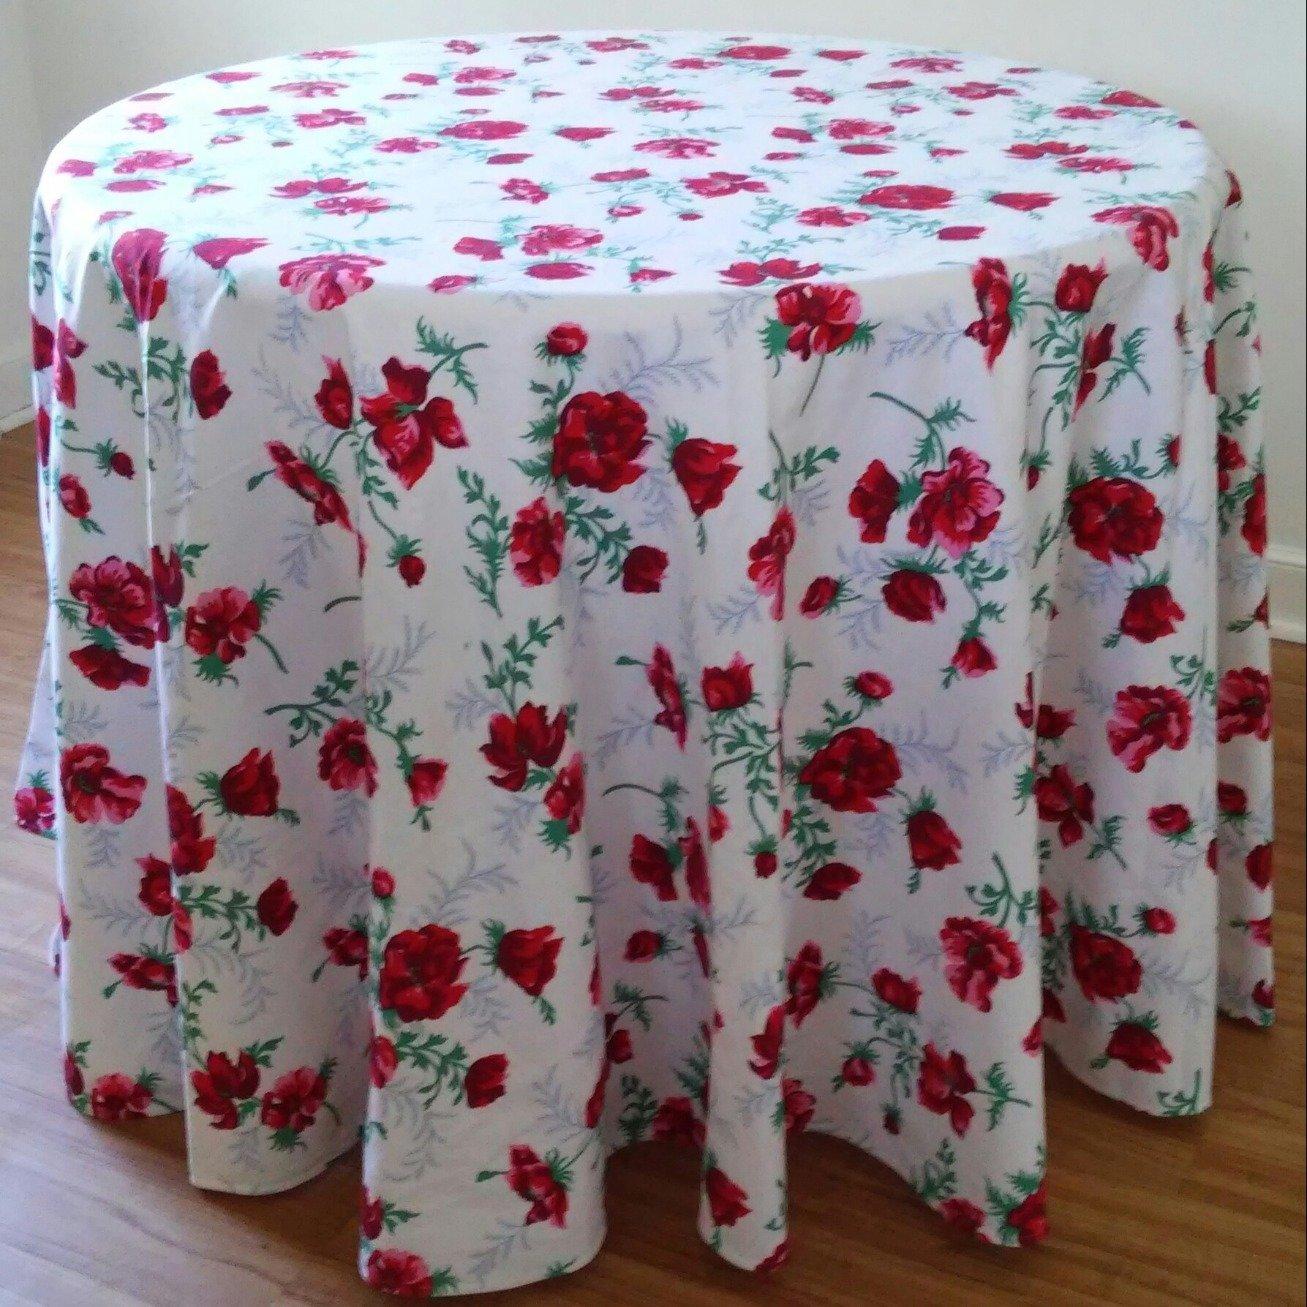 """D. Porthault Poppy Historical Print """"Coquelicots Parisiens"""" Round Cretonne Fabric Tablecloth 96"""" Diameter"""